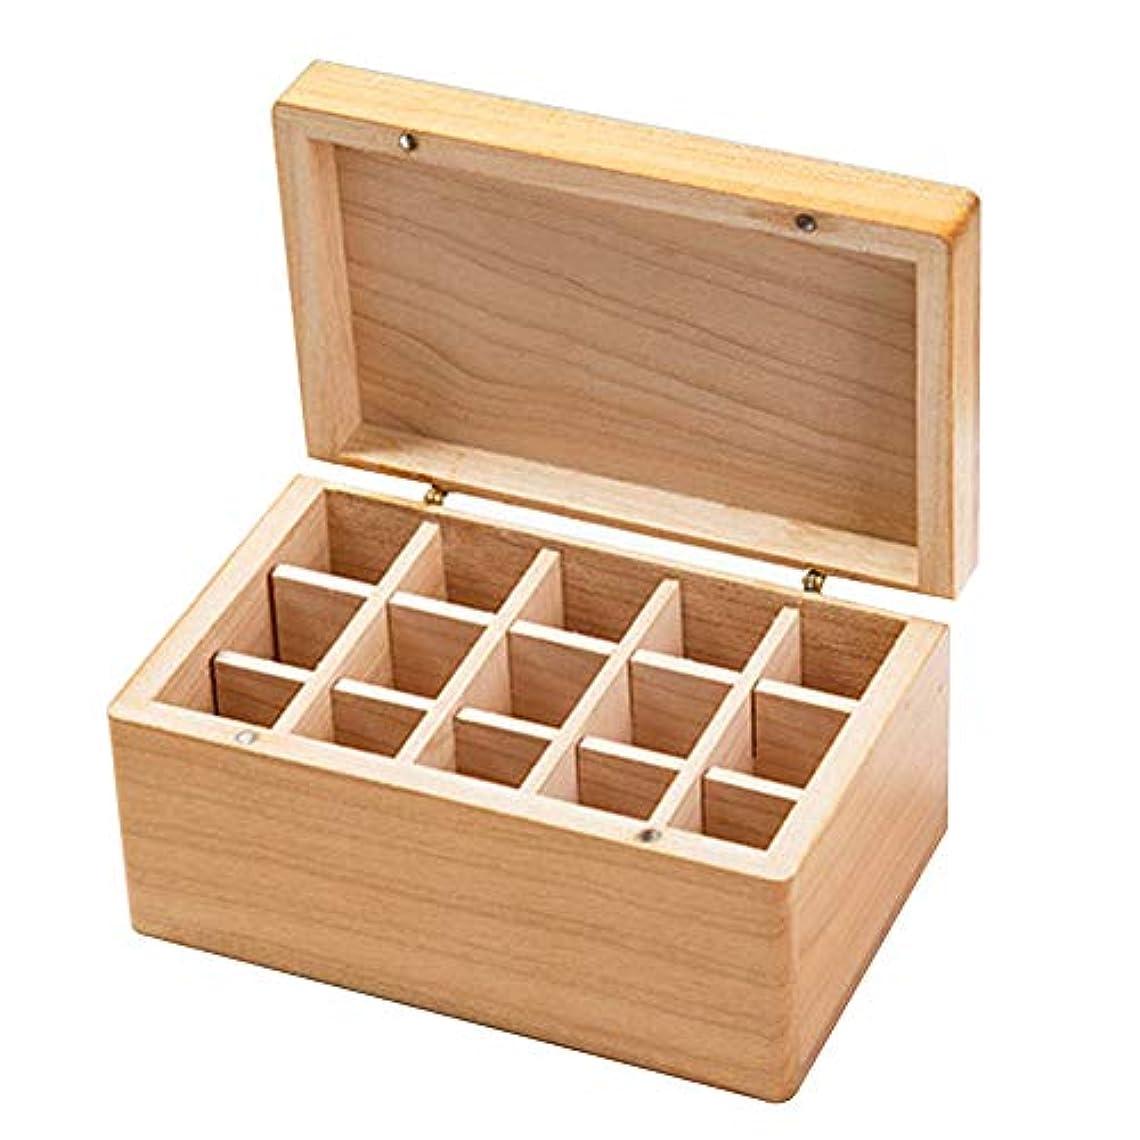 エッセンシャルオイル木製収納ボックス、天然木素材コンパートメント耐久性のあるボトル注文したグリッド構造環境に優しいディスプレイケース